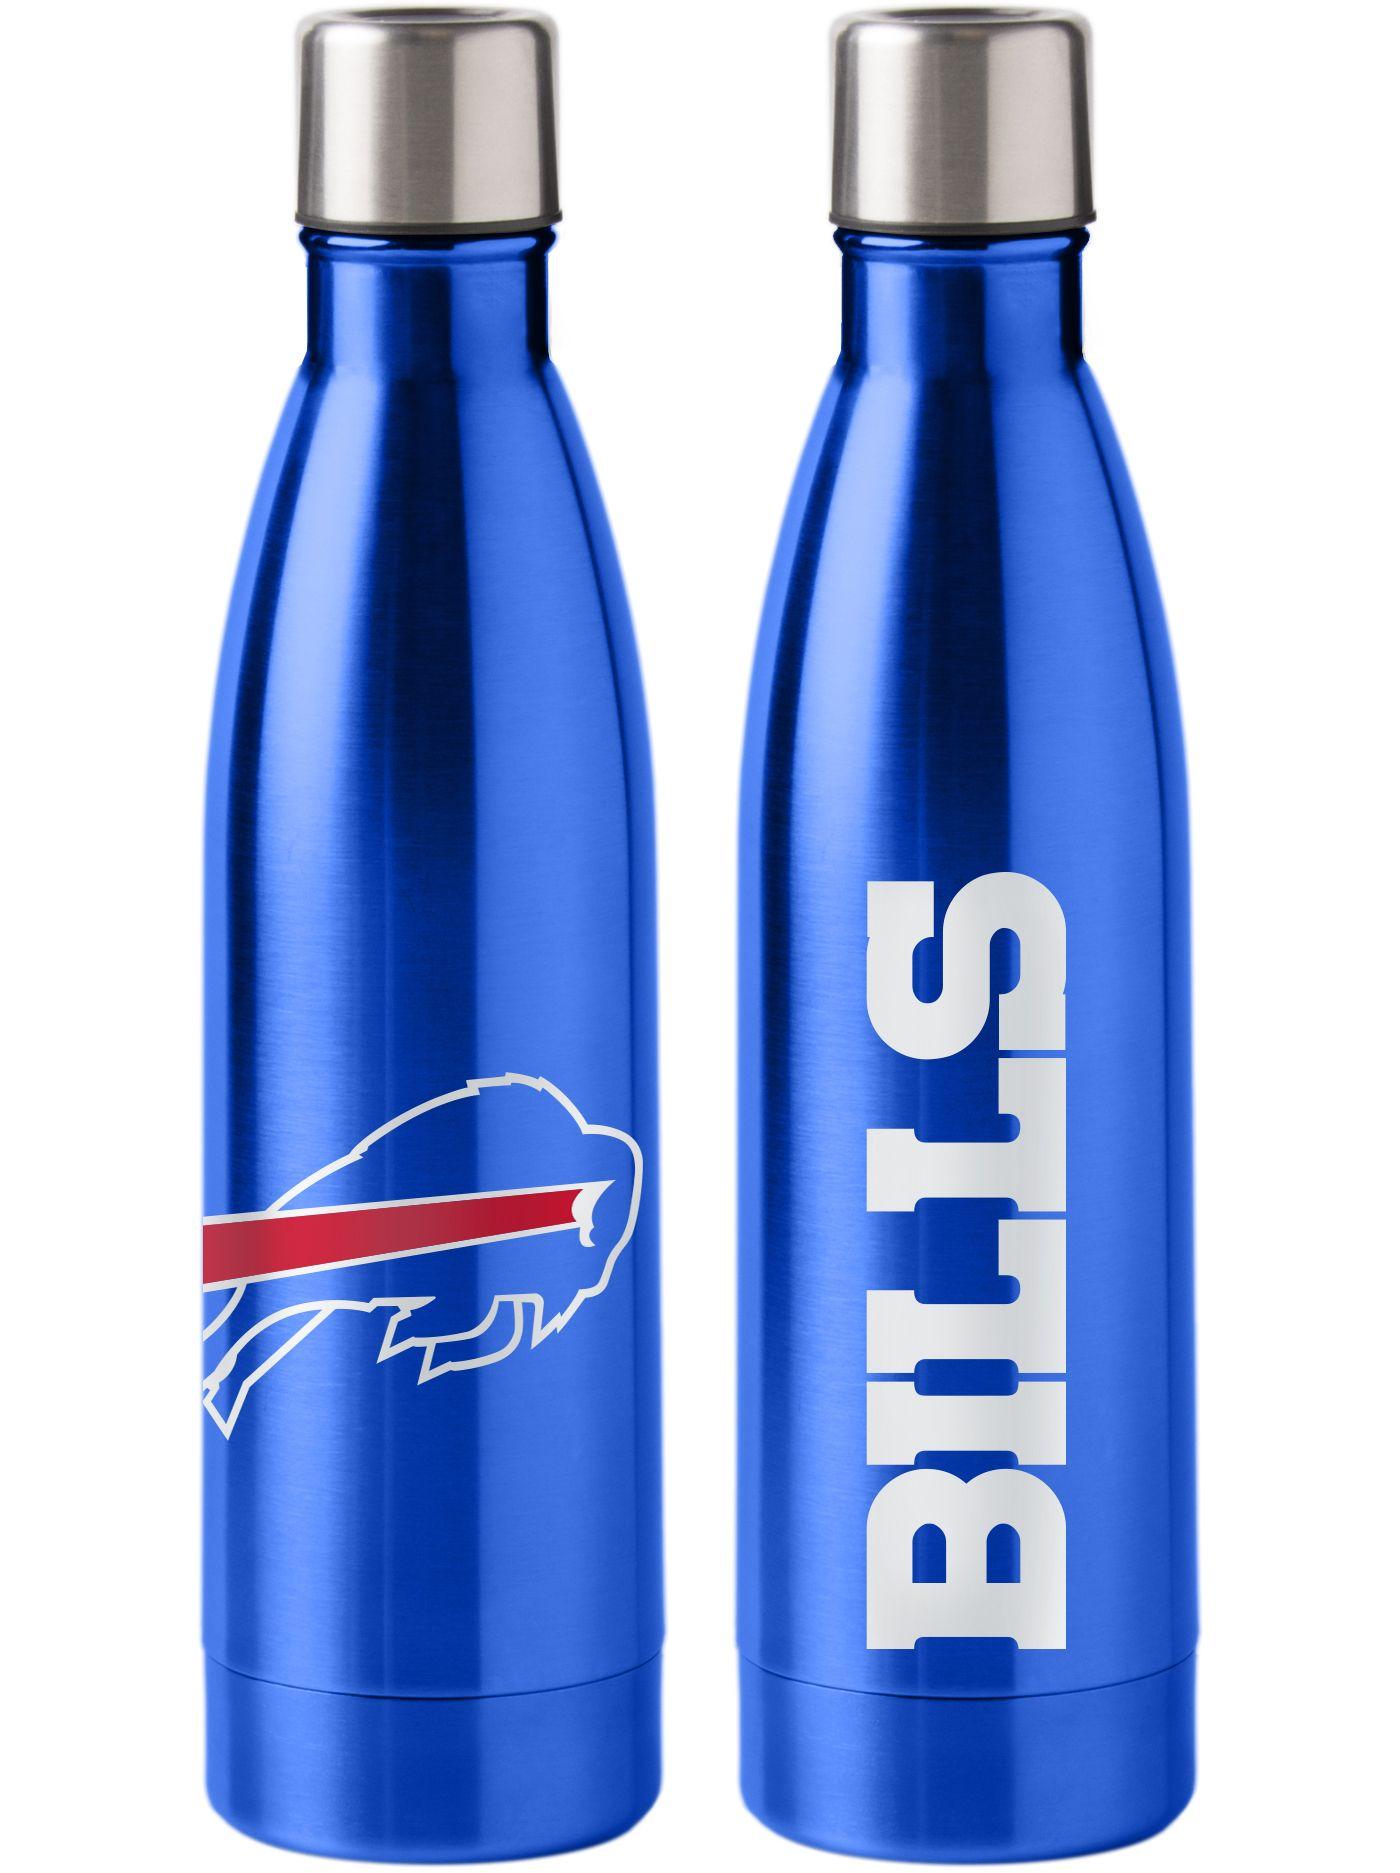 Boelter Buffalo Bills Stainless Steel Water Bottle